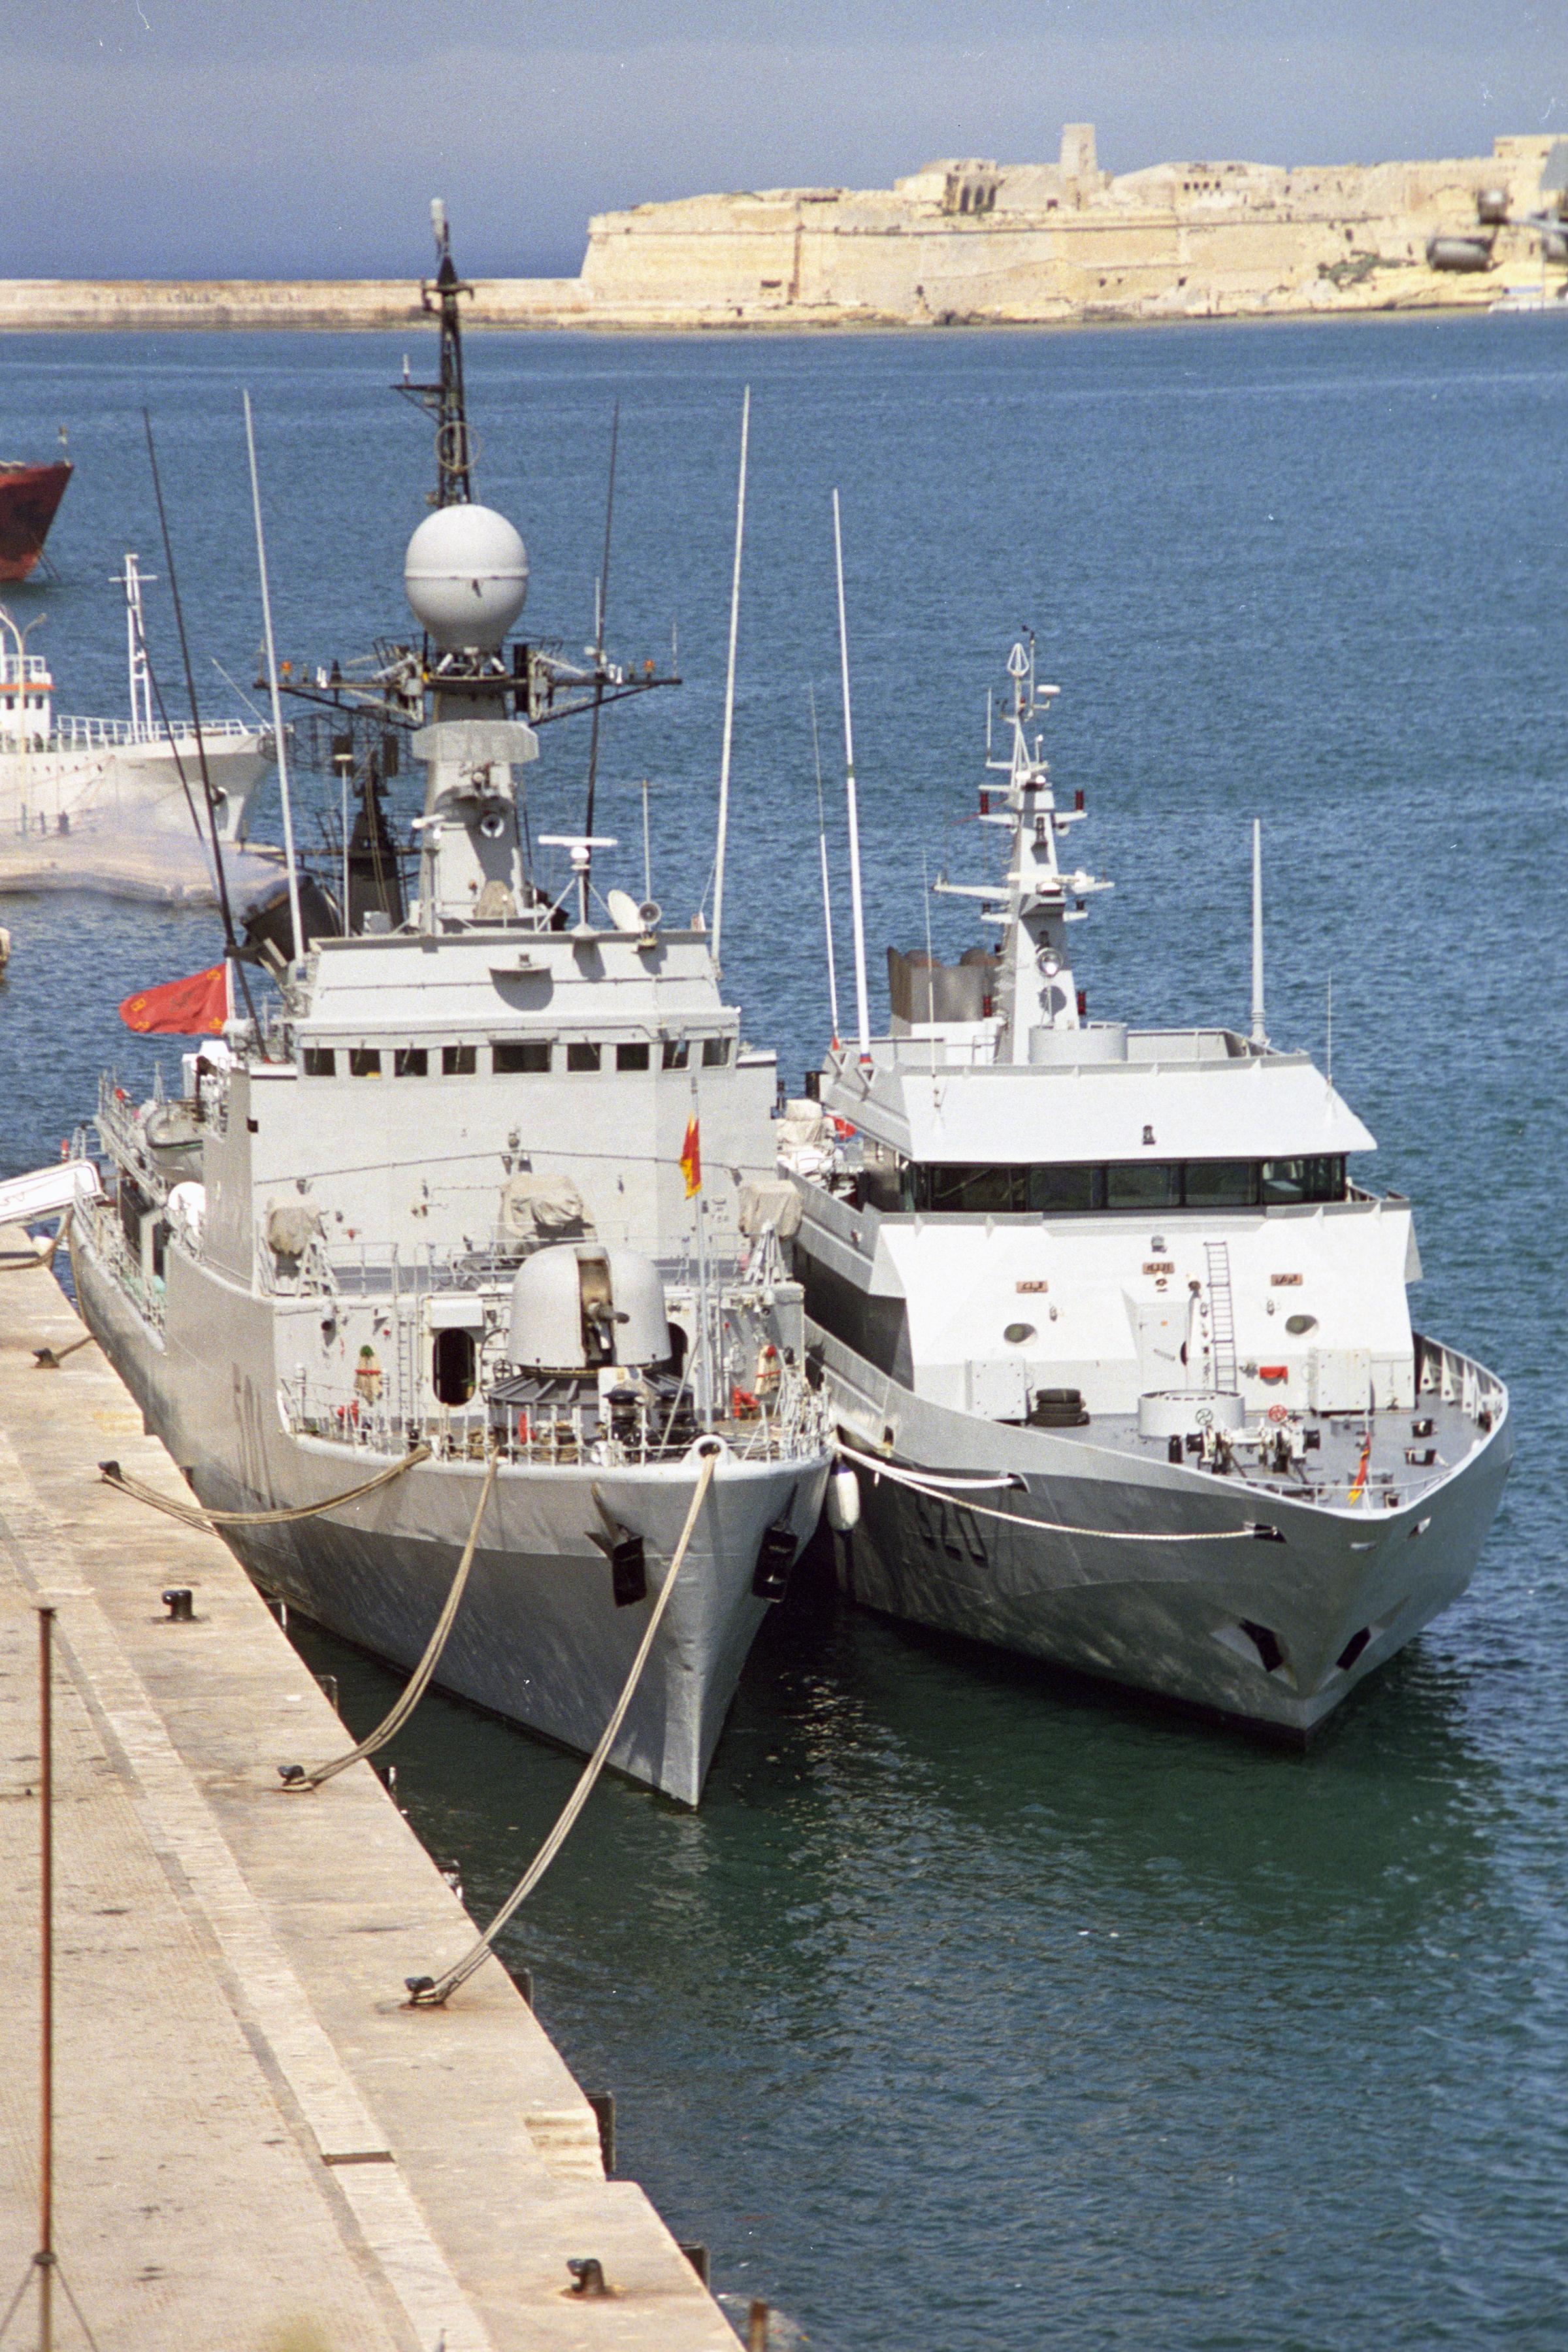 Royal Moroccan Navy Descubierta Frigate / Patrouilleur Océanique Lt Cl Errahmani - Bâtiment École - Page 3 24980434735_a3af7370a6_o